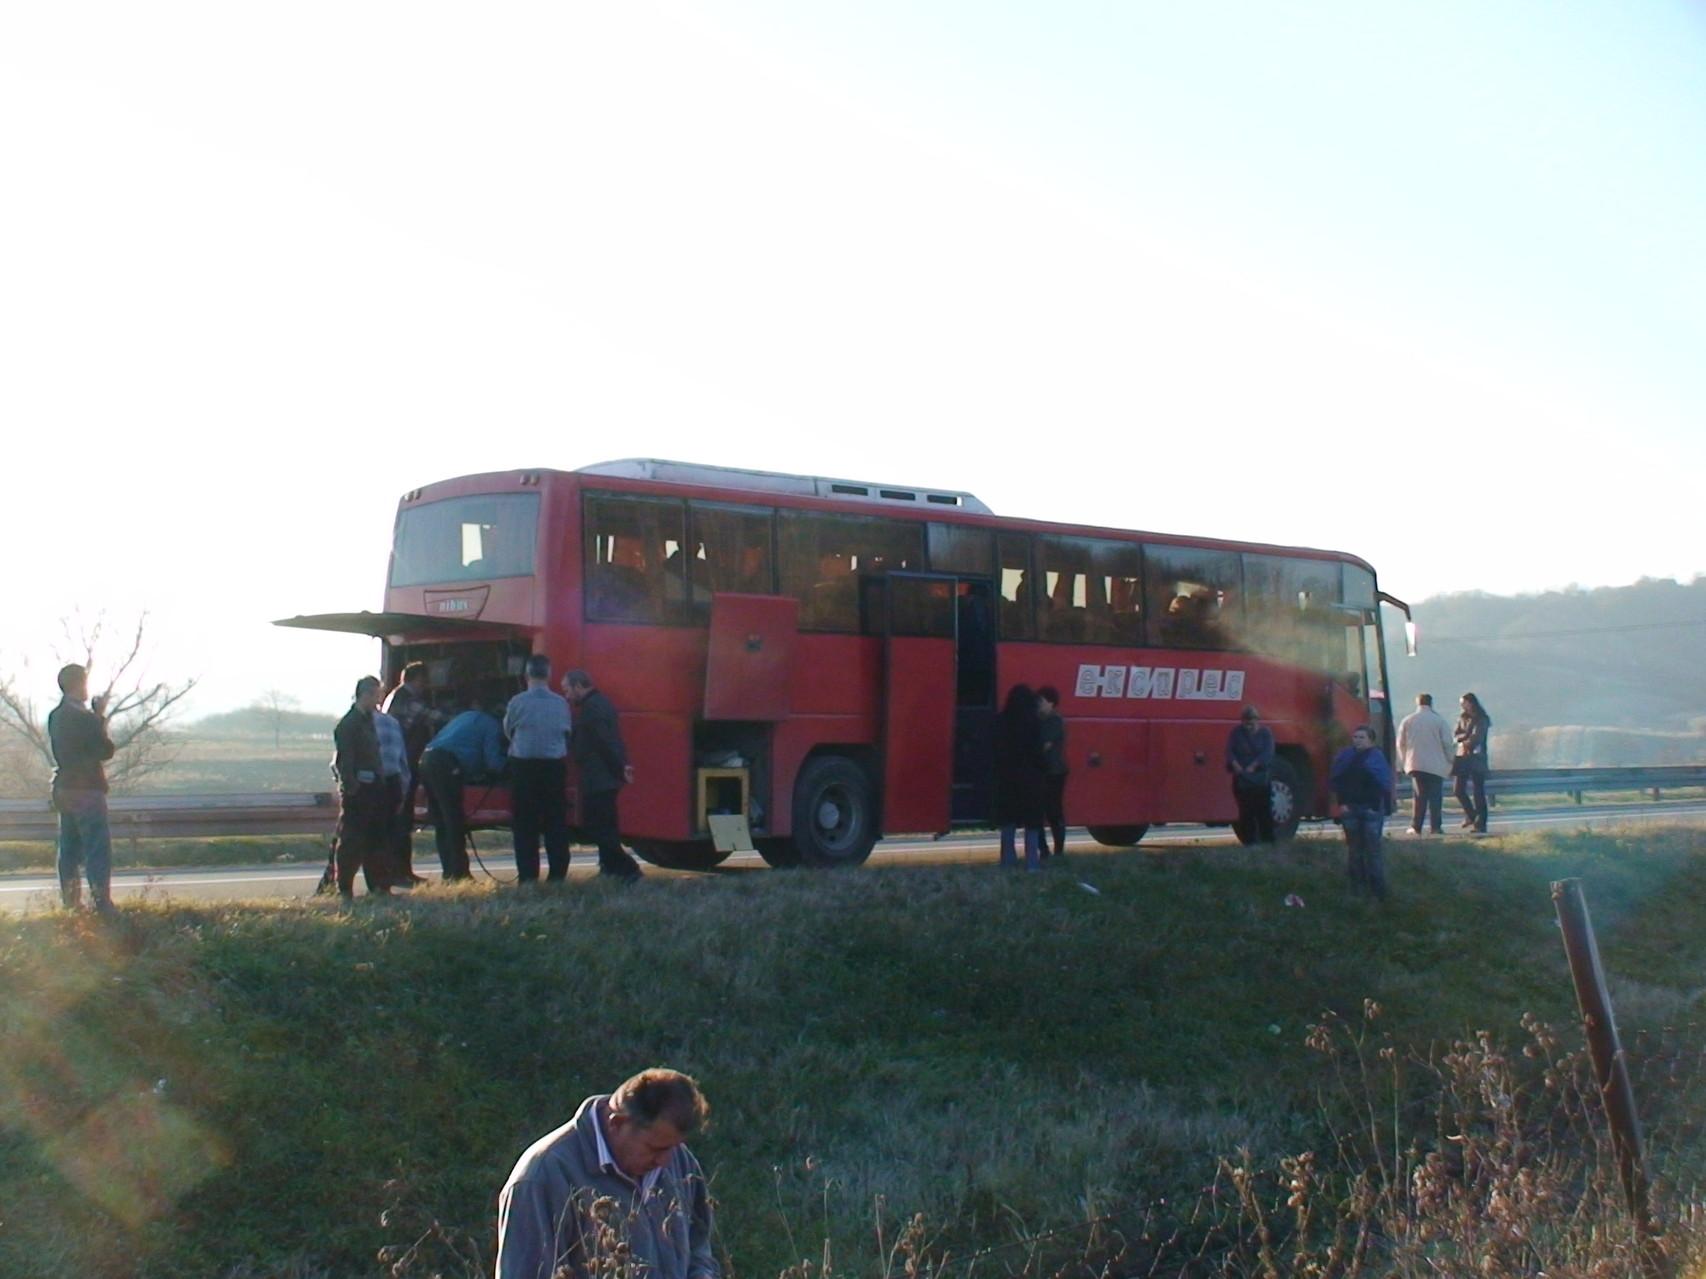 セルビアに向かう途中、バスがエンストしてみたり・・・